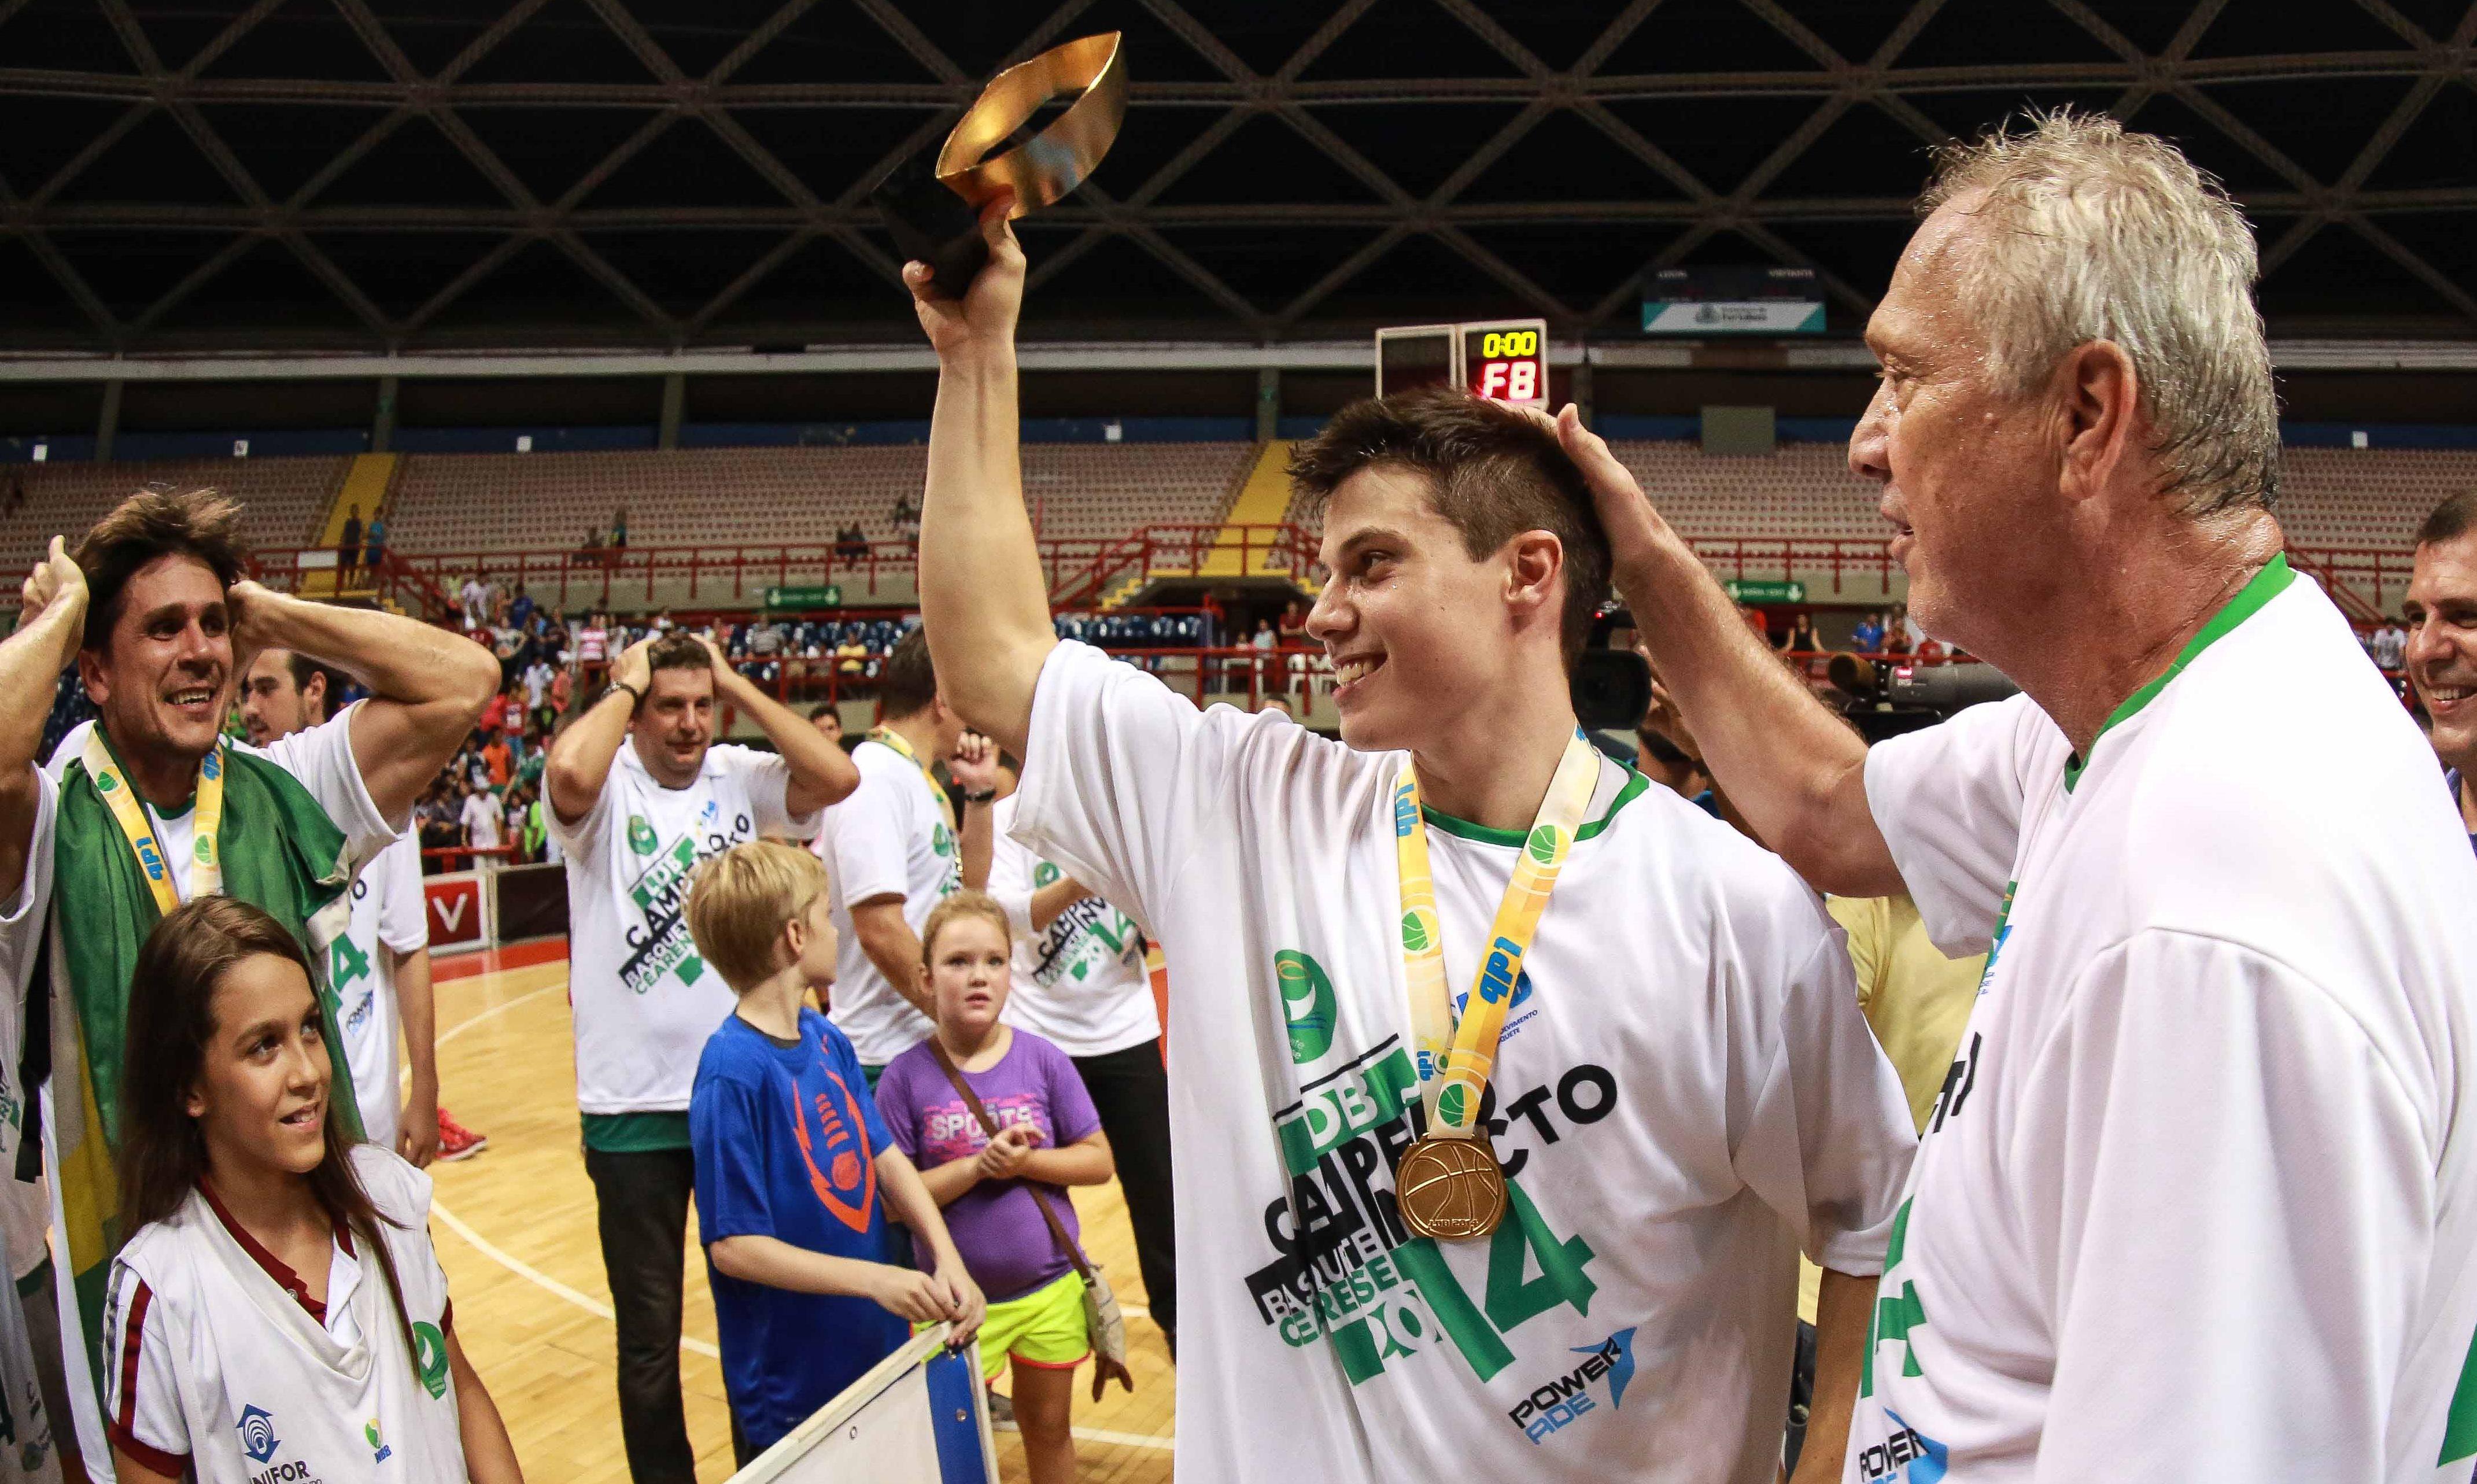 Capitão do Basquete Cearense, armador Davi Rossetto foi o MVP da Final da LDB (Luiz Pires/LNB)